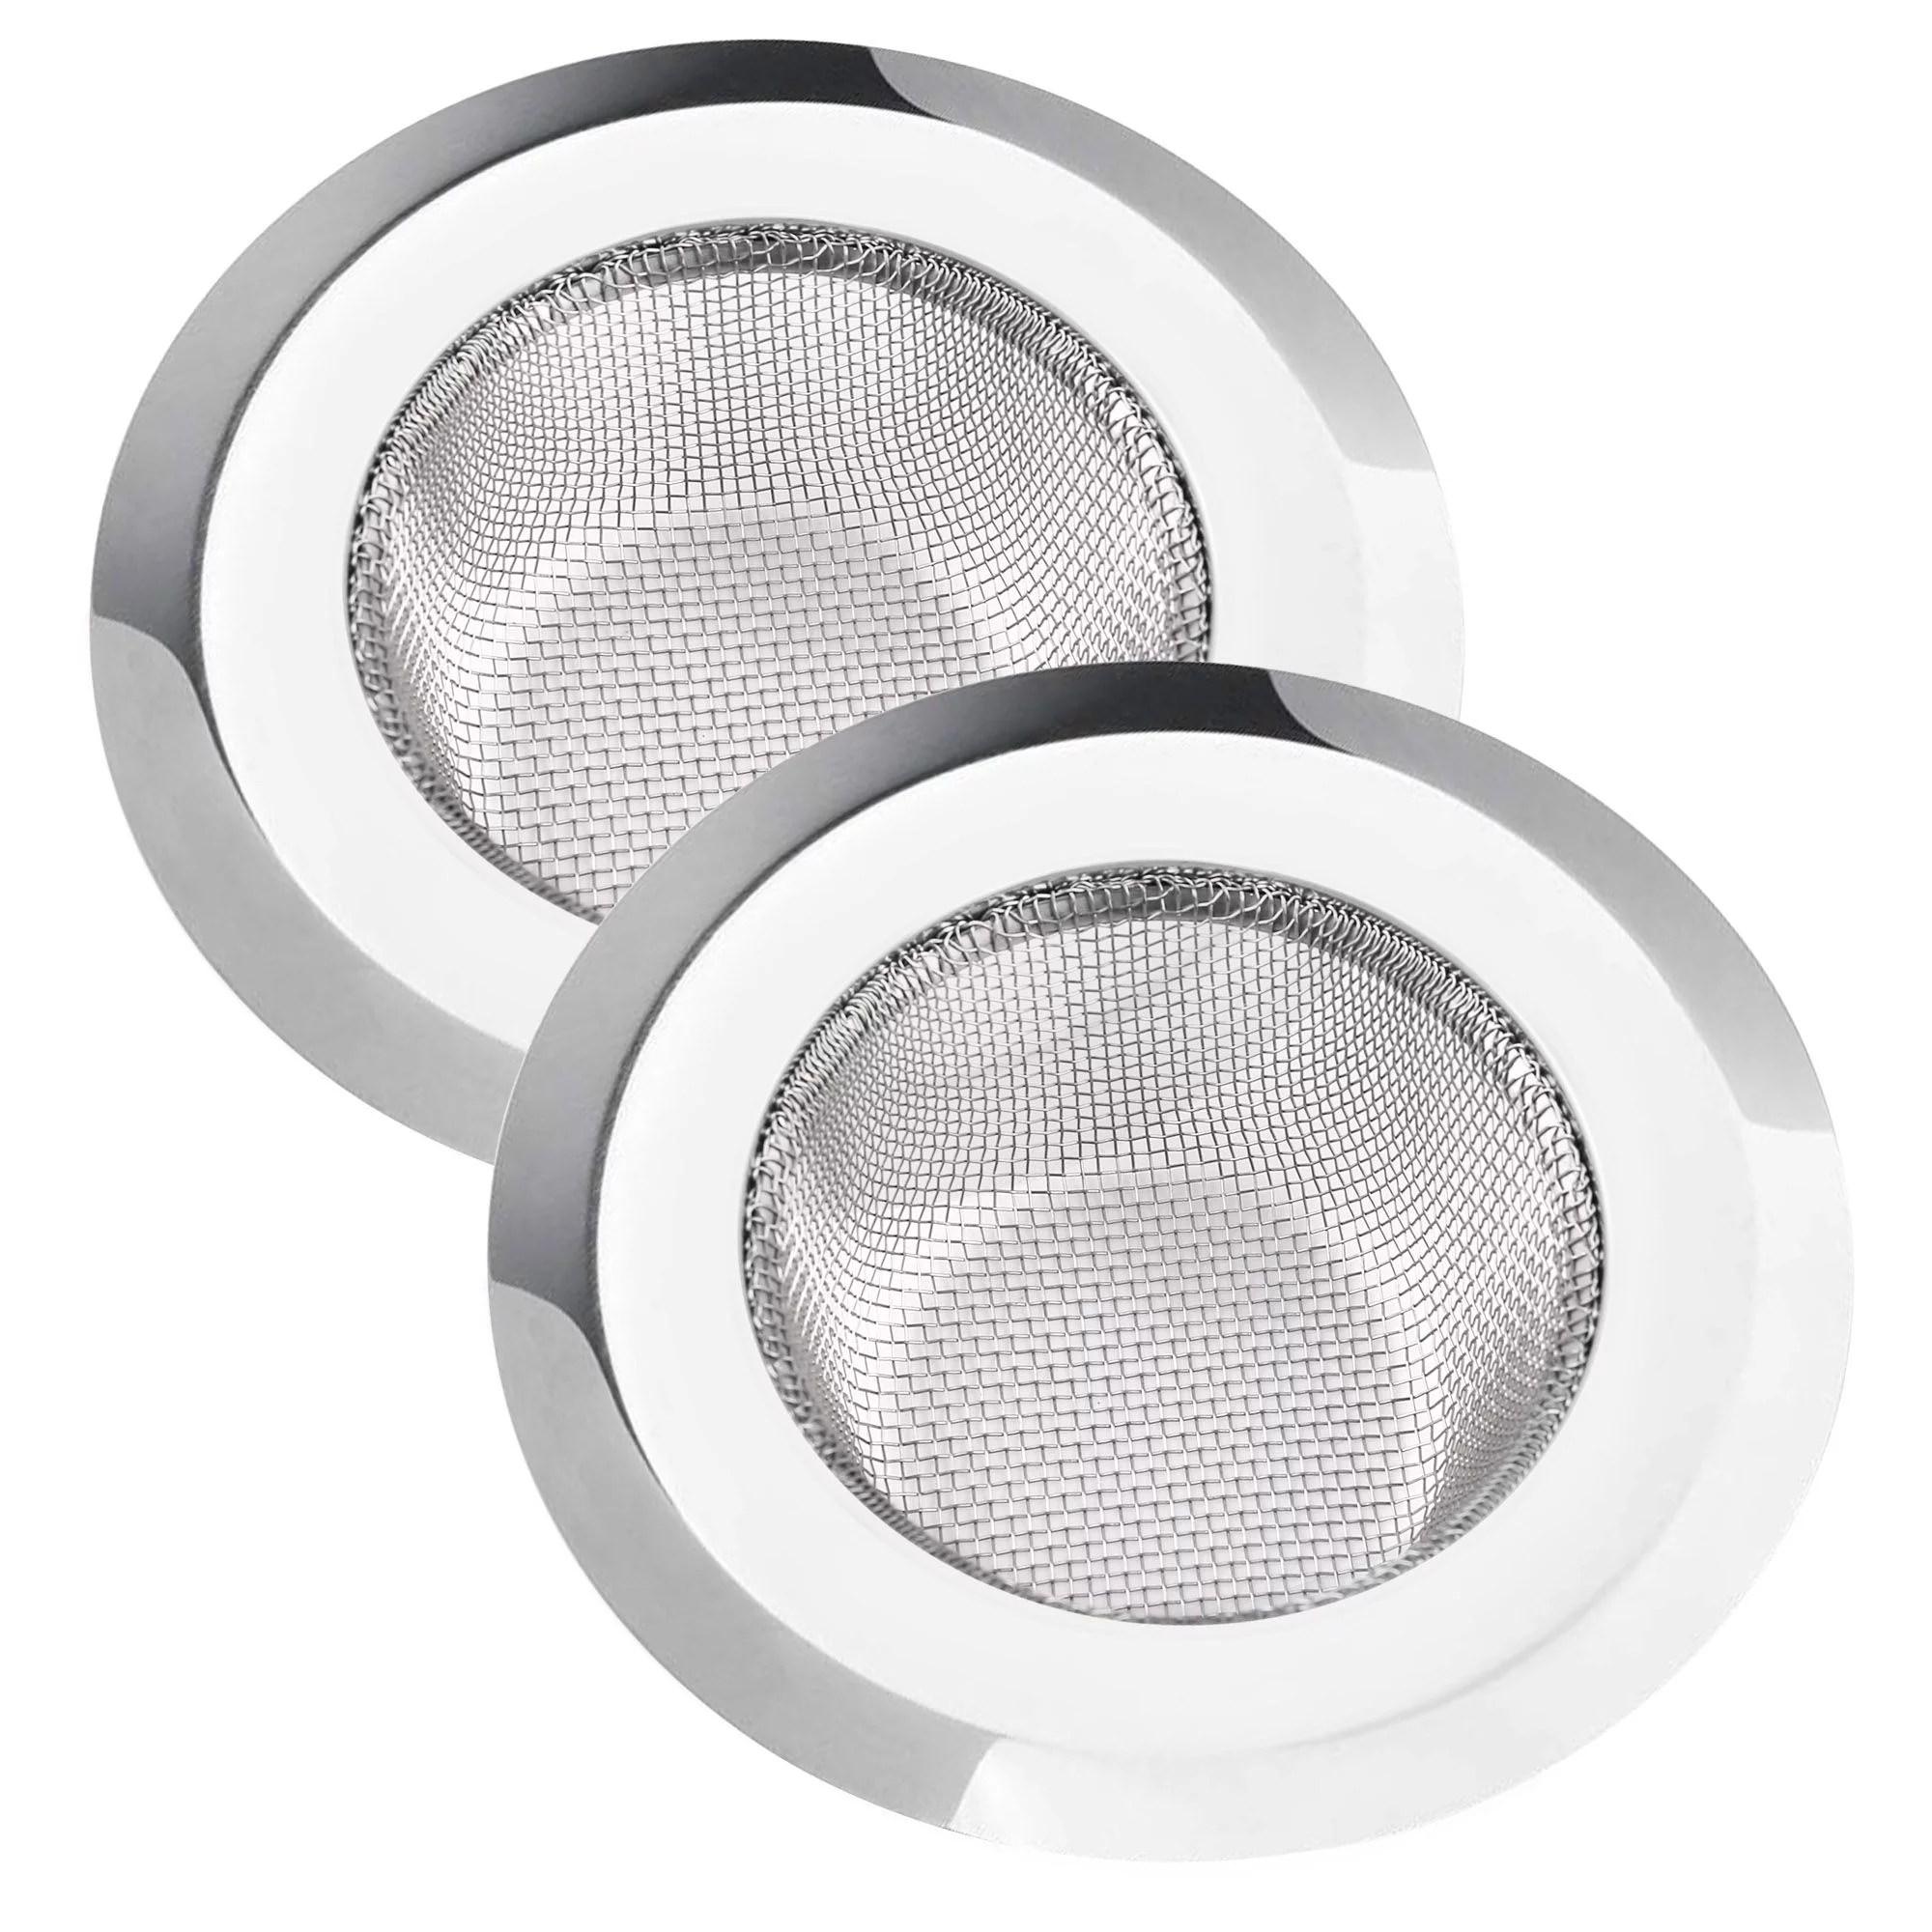 lotfancy 2 kitchen sink strainer 4 5 in stainless steel drain strainer silver